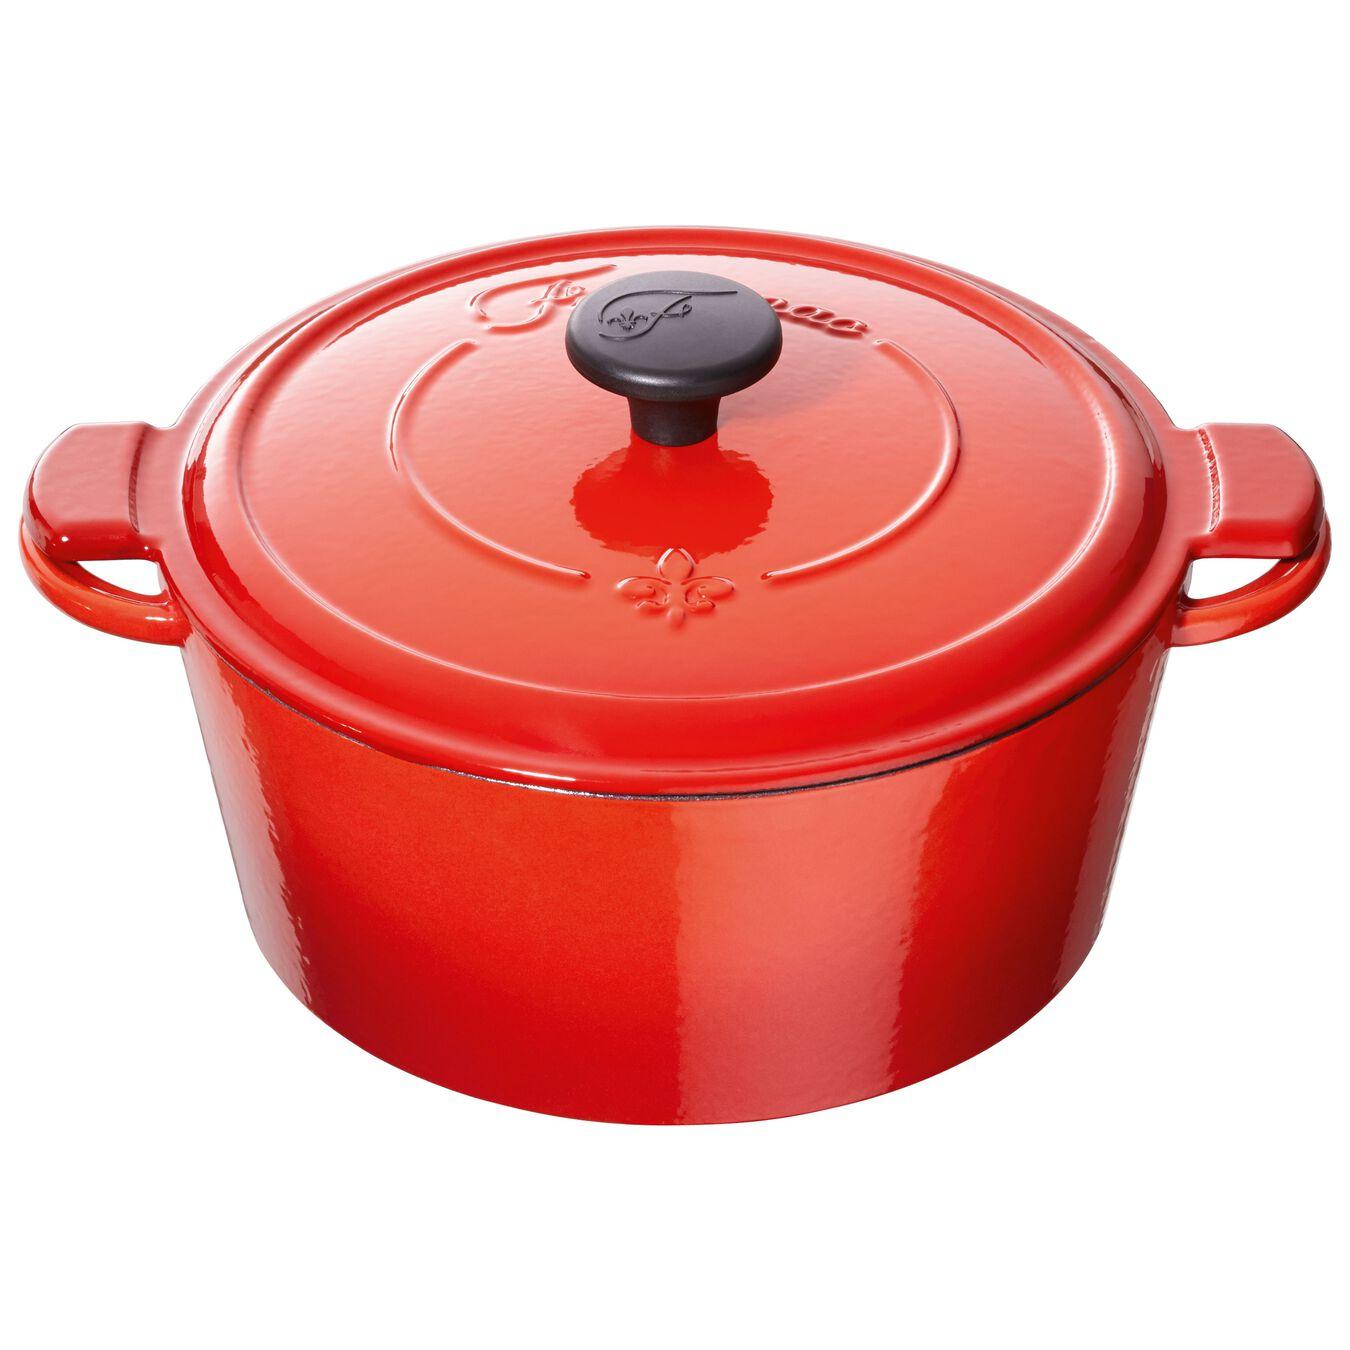 Caçarola 20 cm, redondo, Vermelho chama, Ferro fundido,,large 2